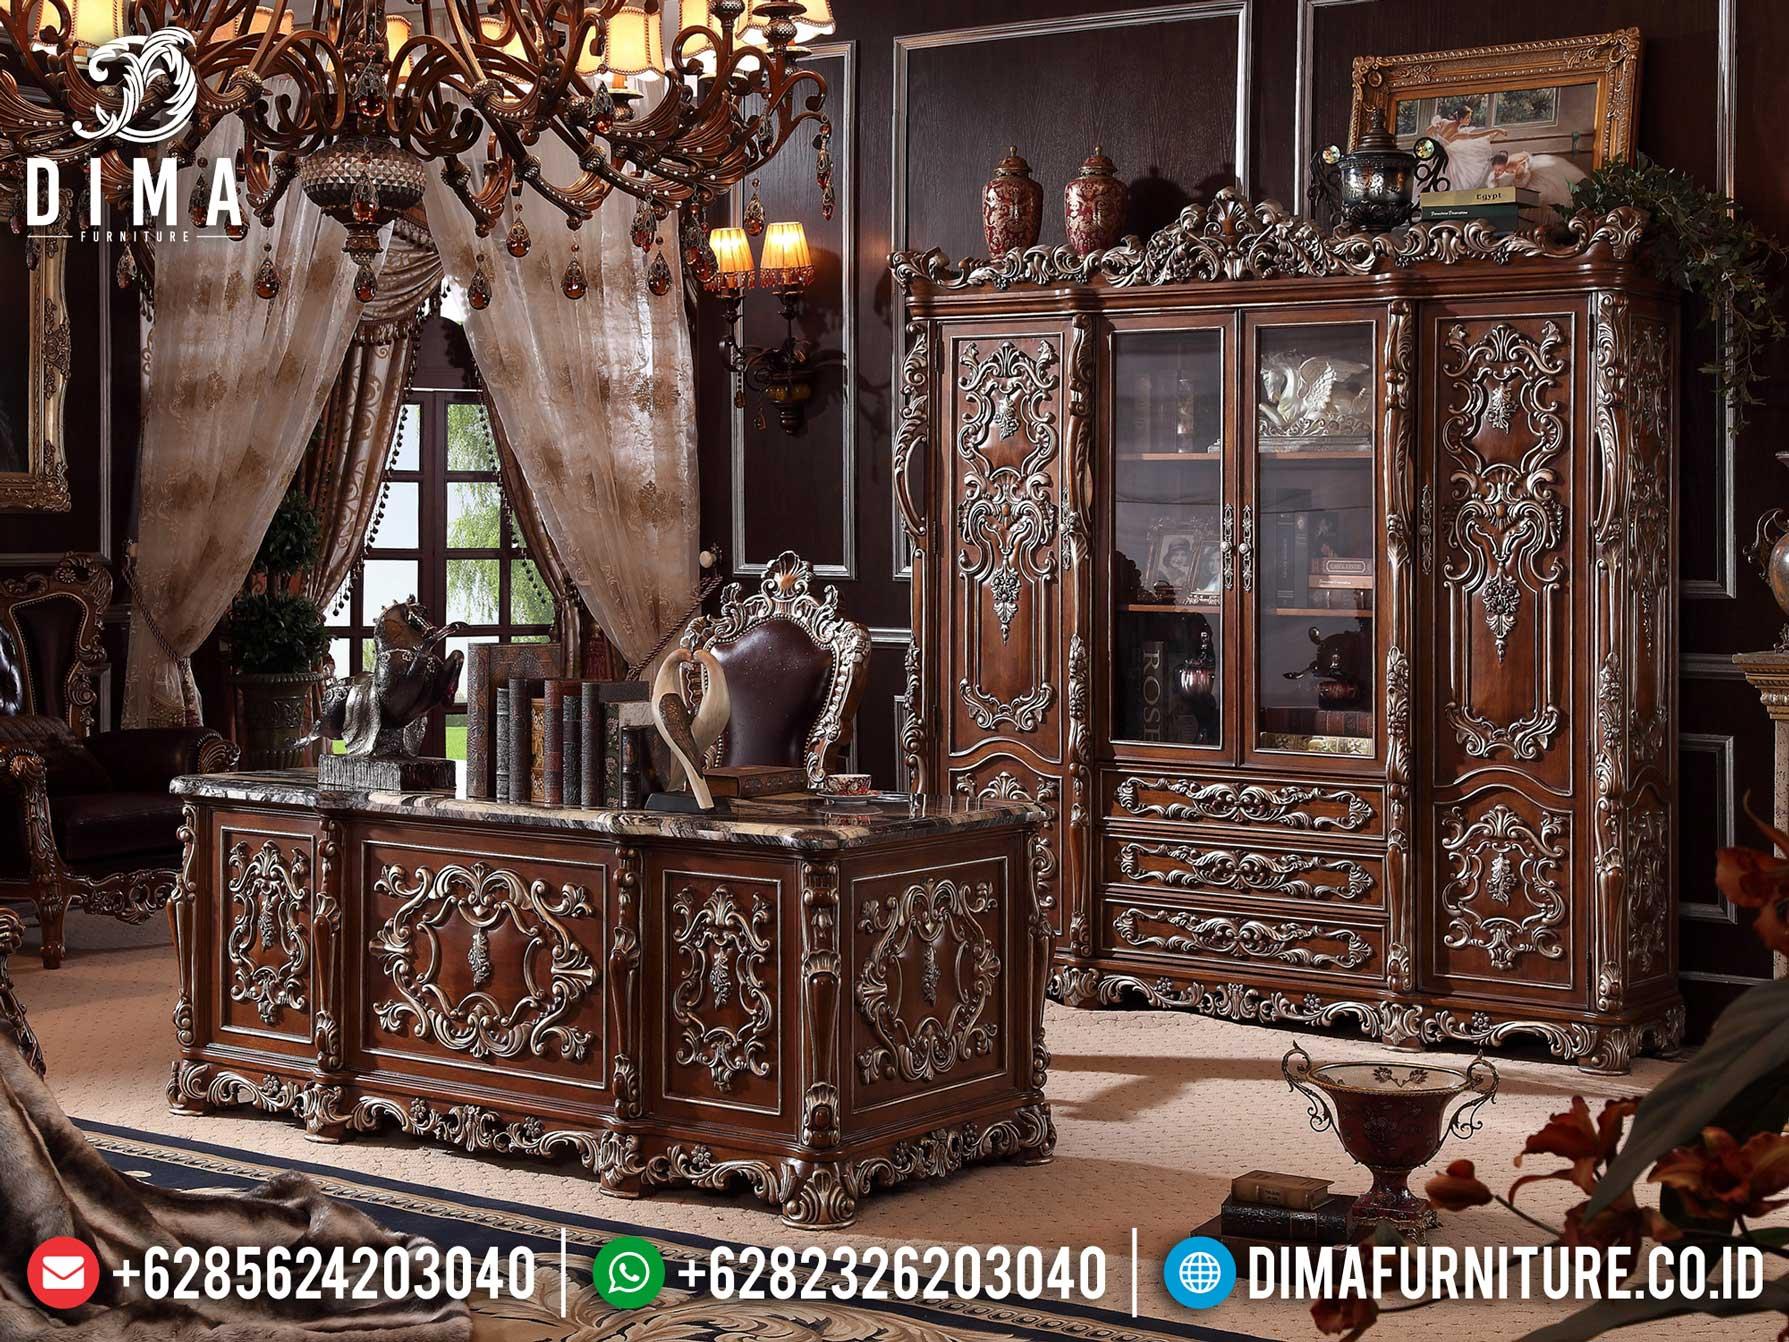 Meja Kantor Mewah Jati Luxury Natural Classic Furniture Jepara Terbaru Ttj-1302